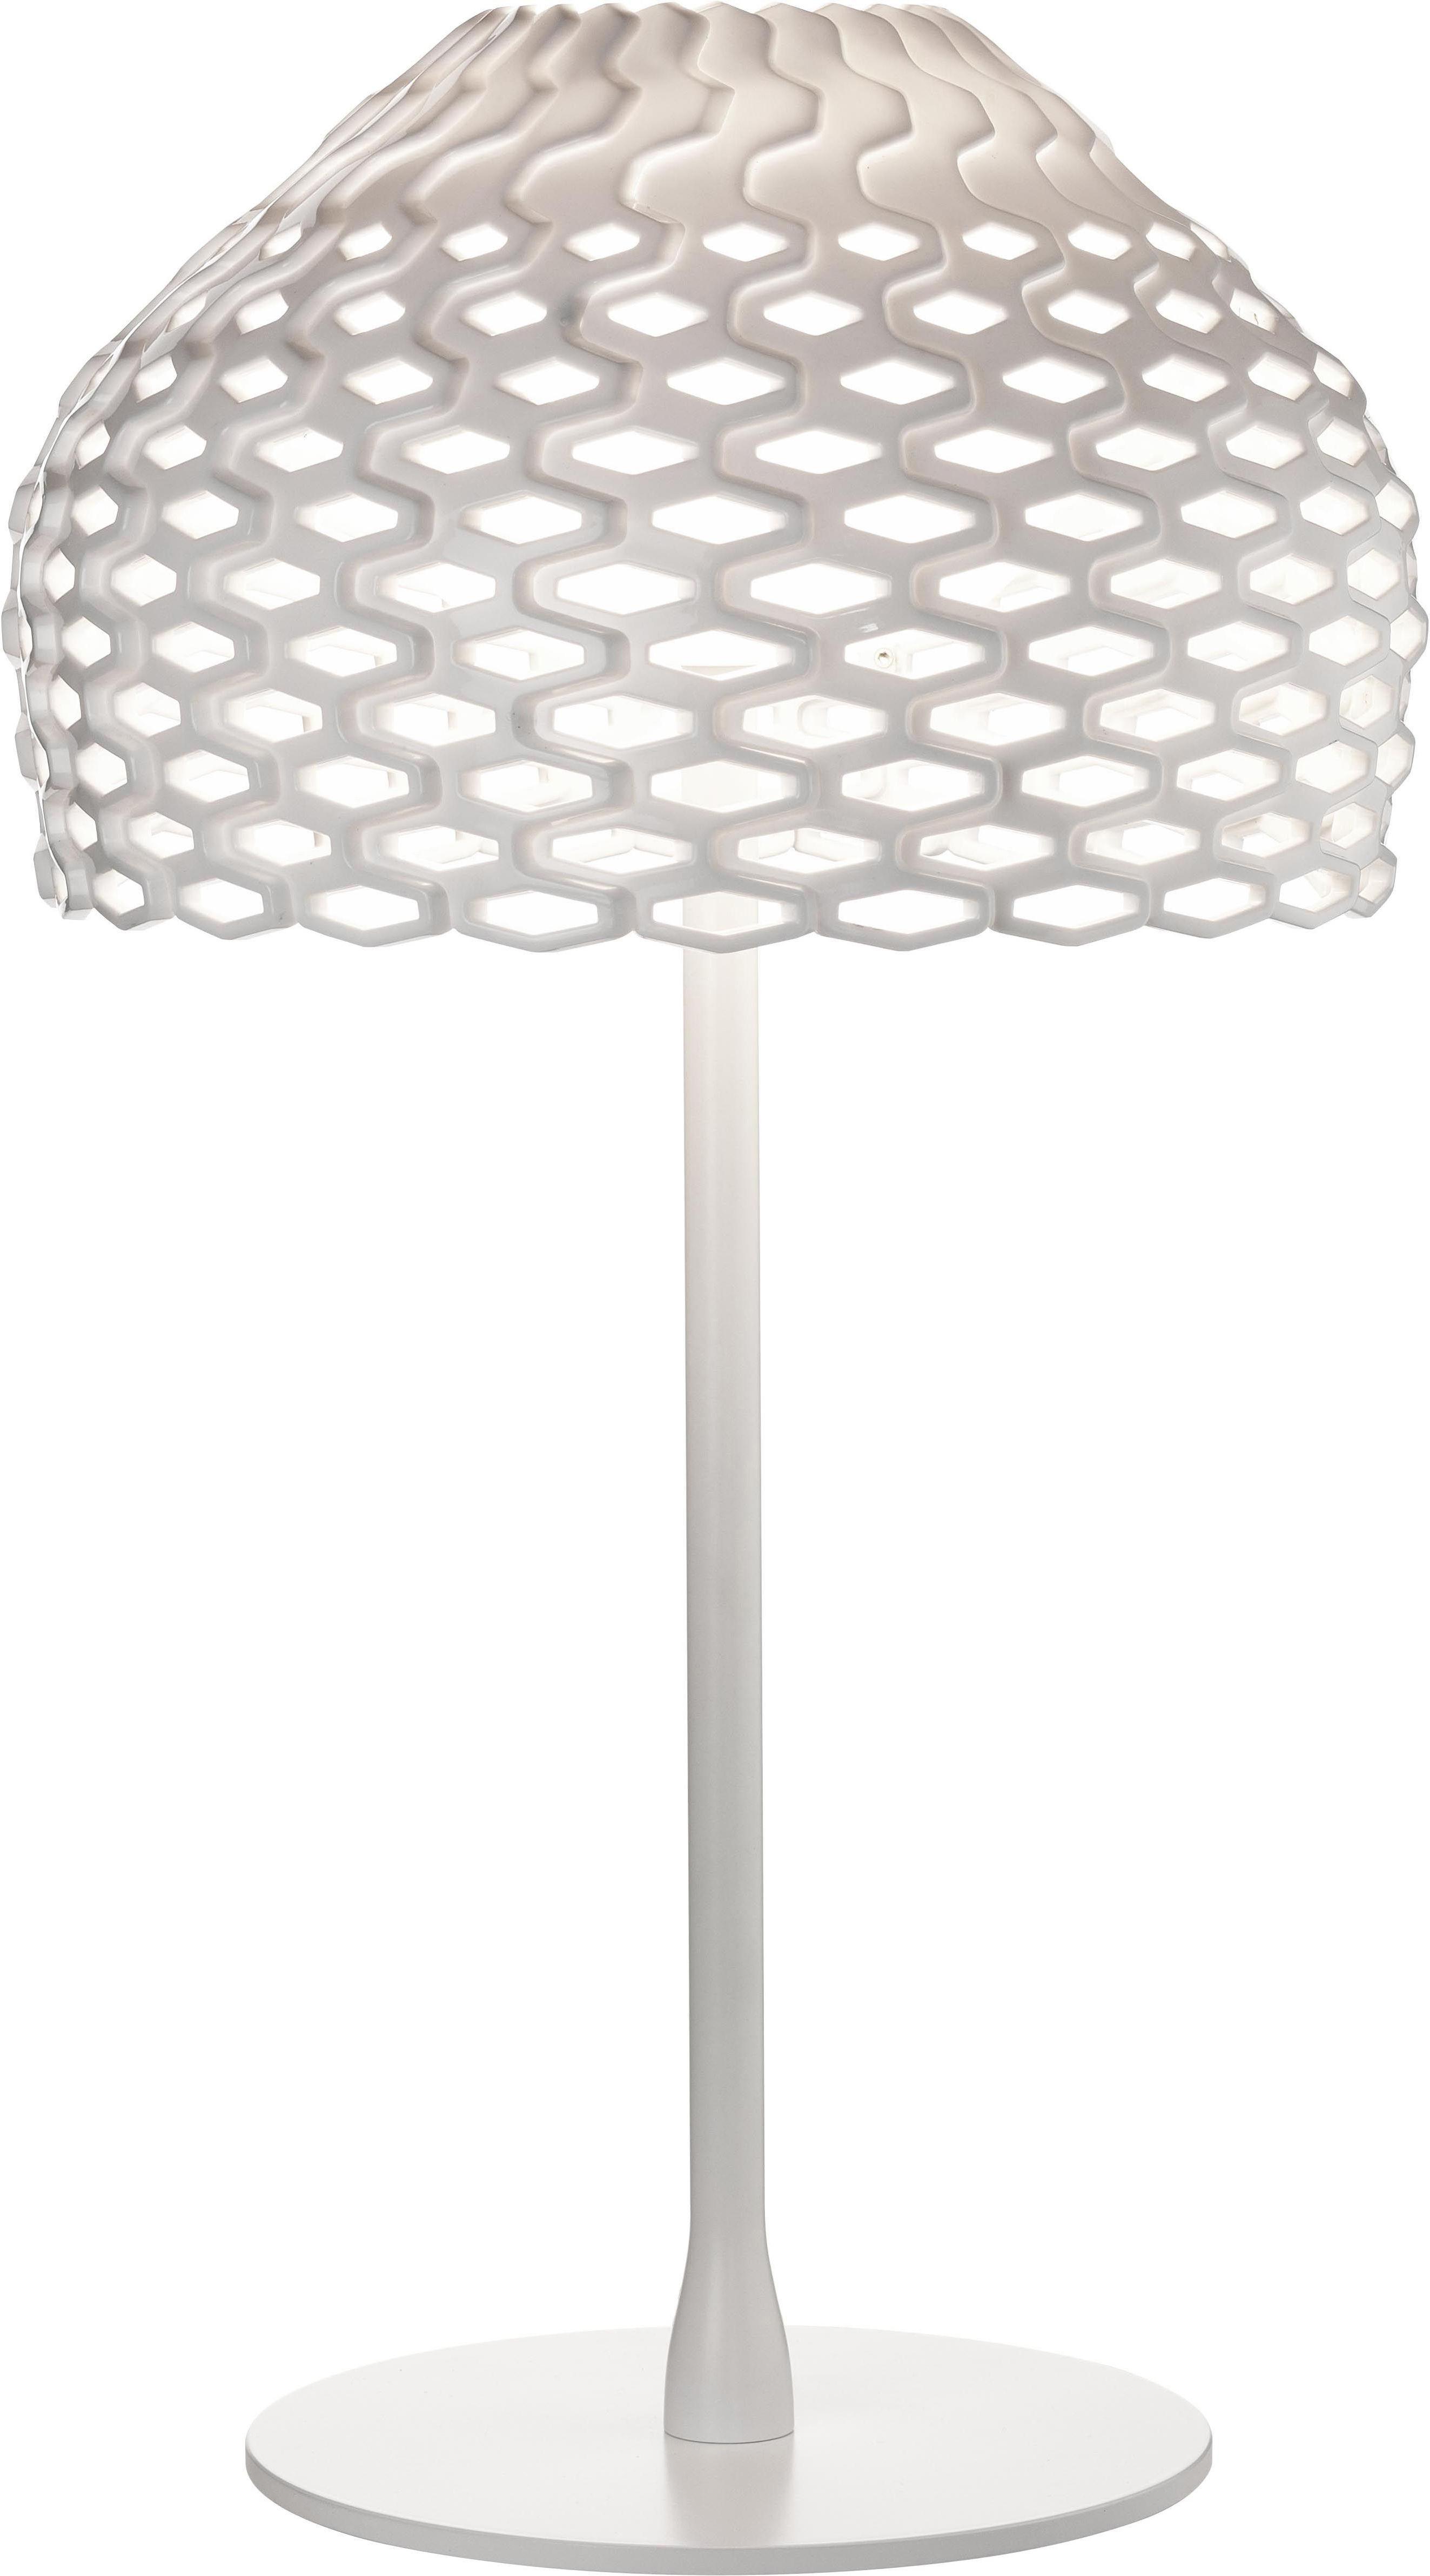 Leuchten - Tischleuchten - Tatou Tischleuchte H 50 cm - Flos - Weiß - Methacrylate, Polykarbonat